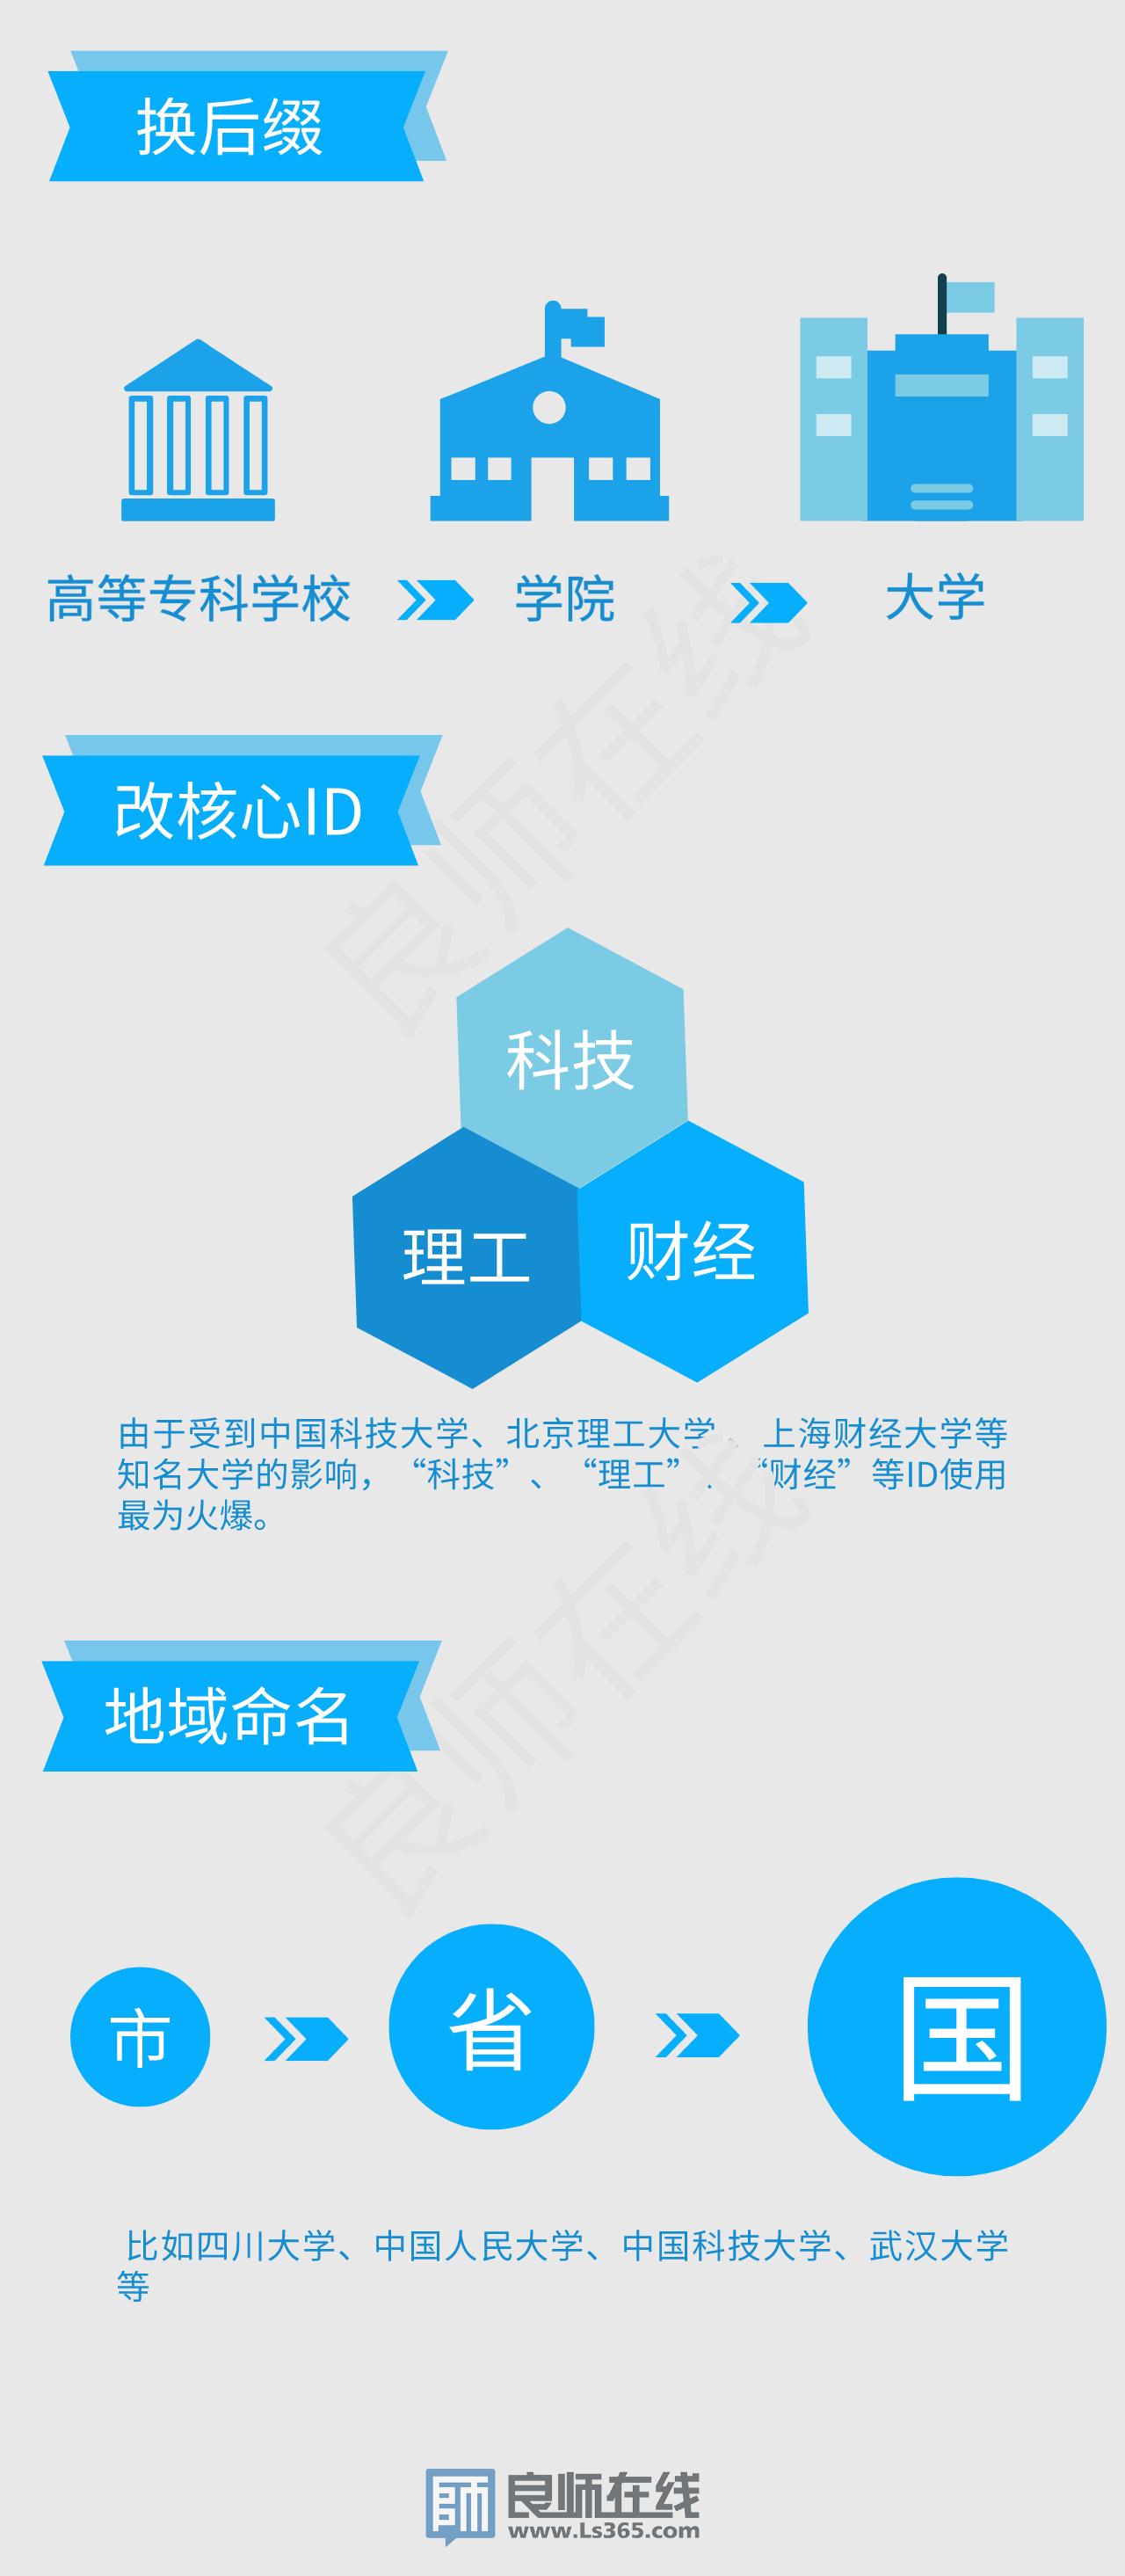 未命名_自定义px_2019-12-10-0.png